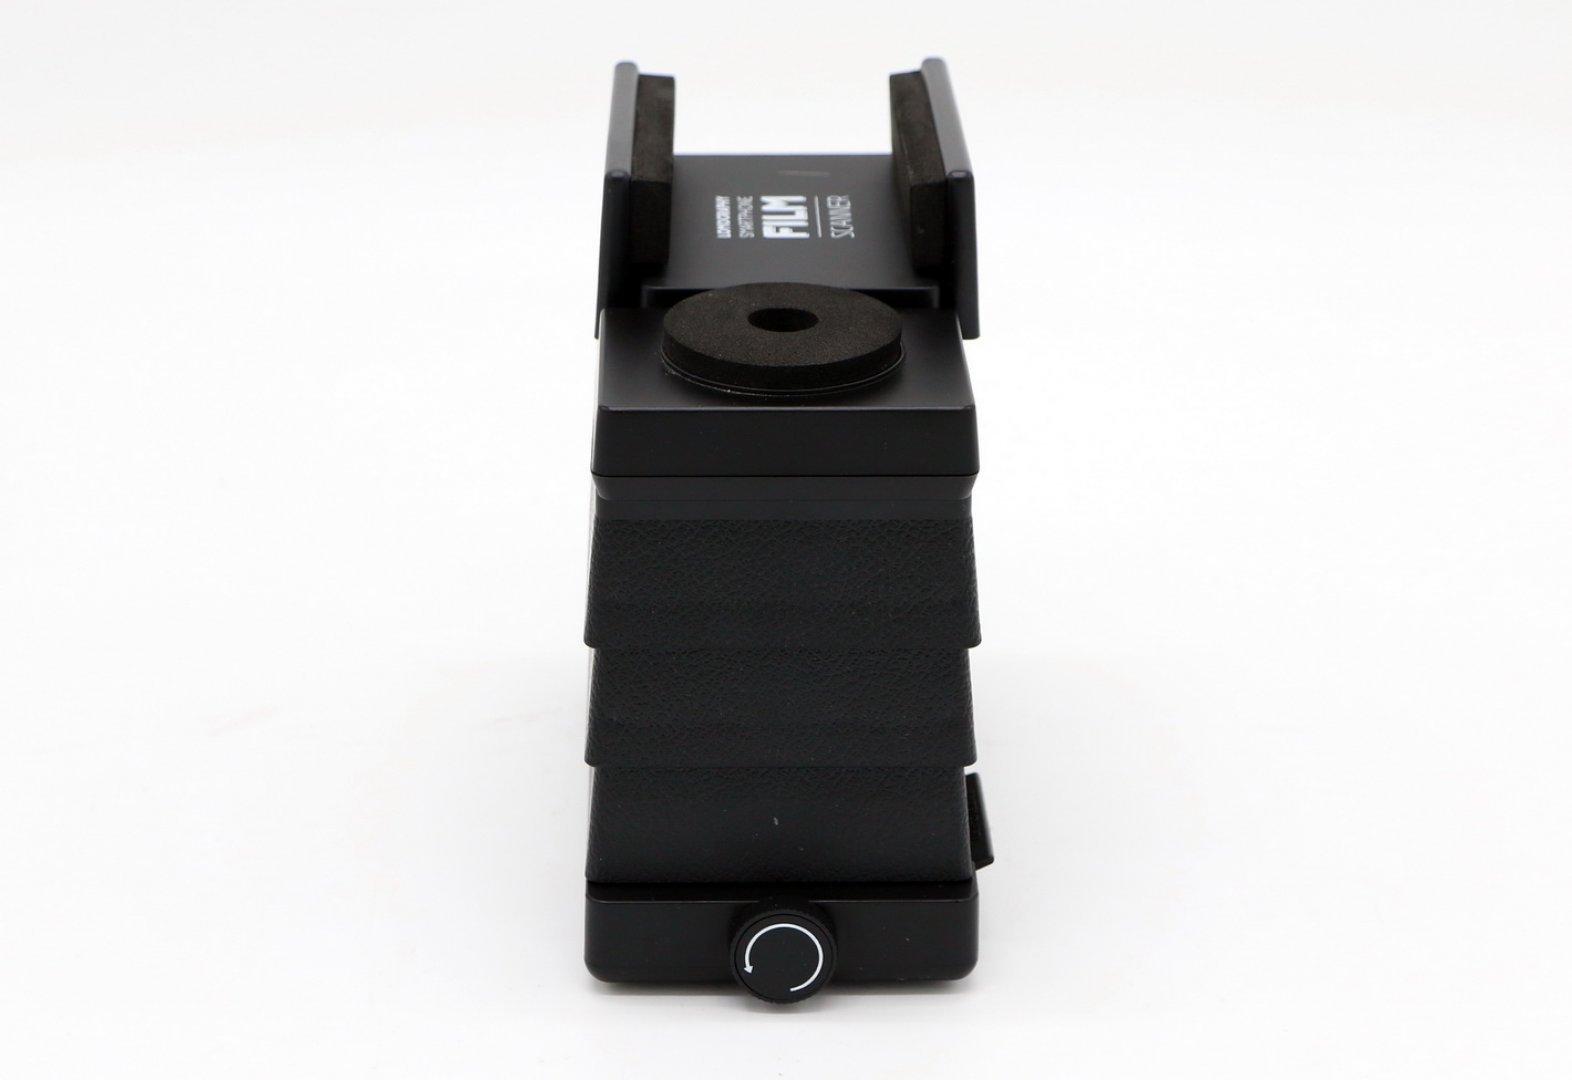 Контейнер для патронов из фотопленки месторождениями металлов